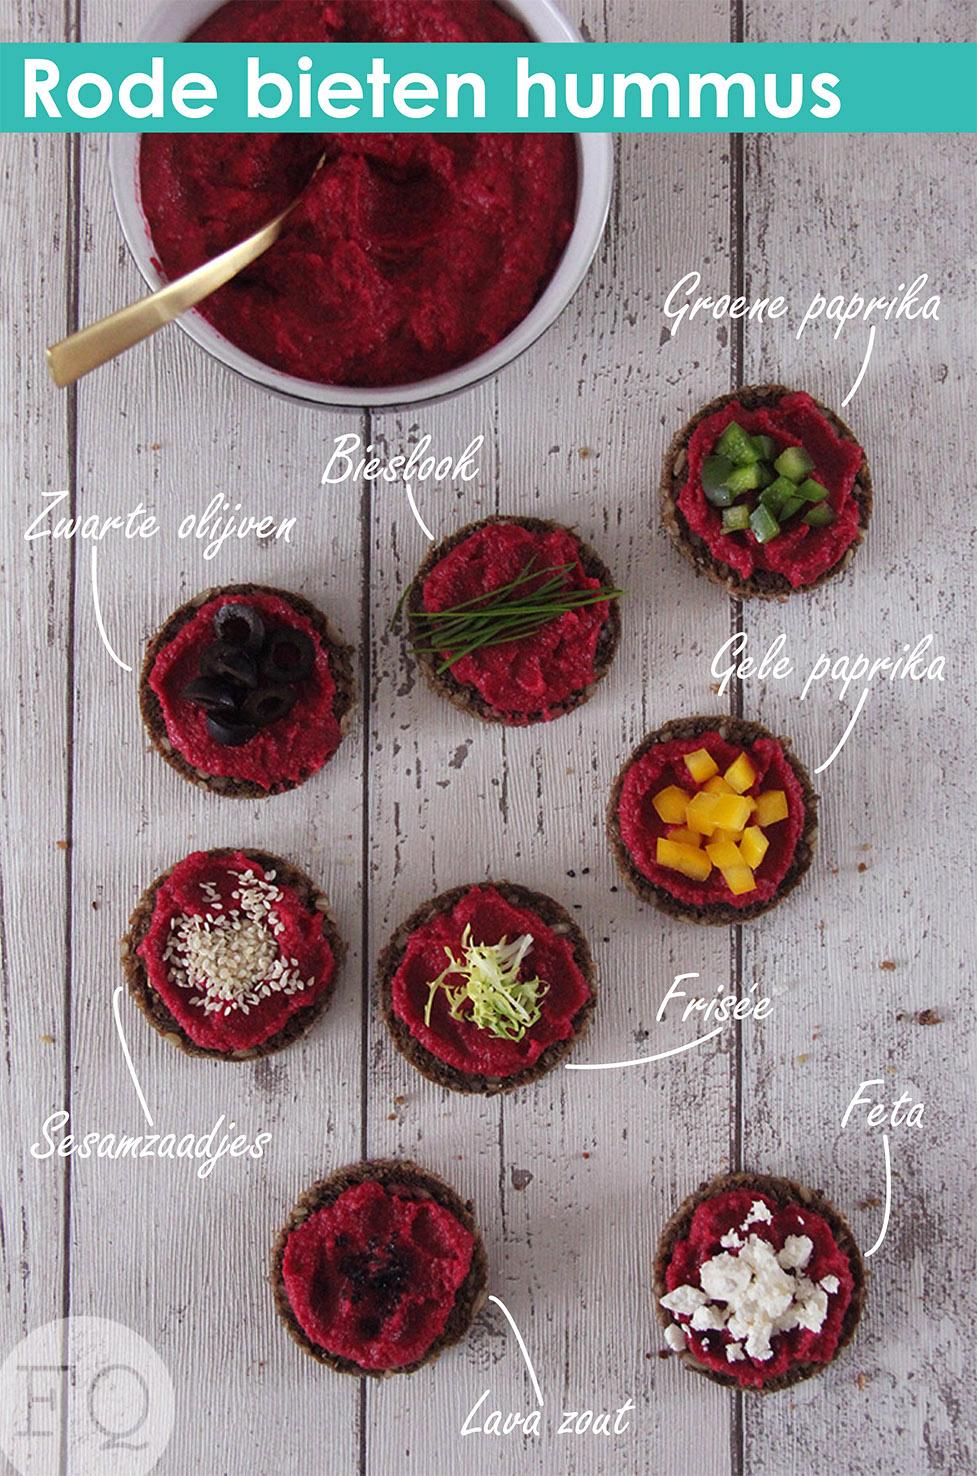 rode bieten hummus